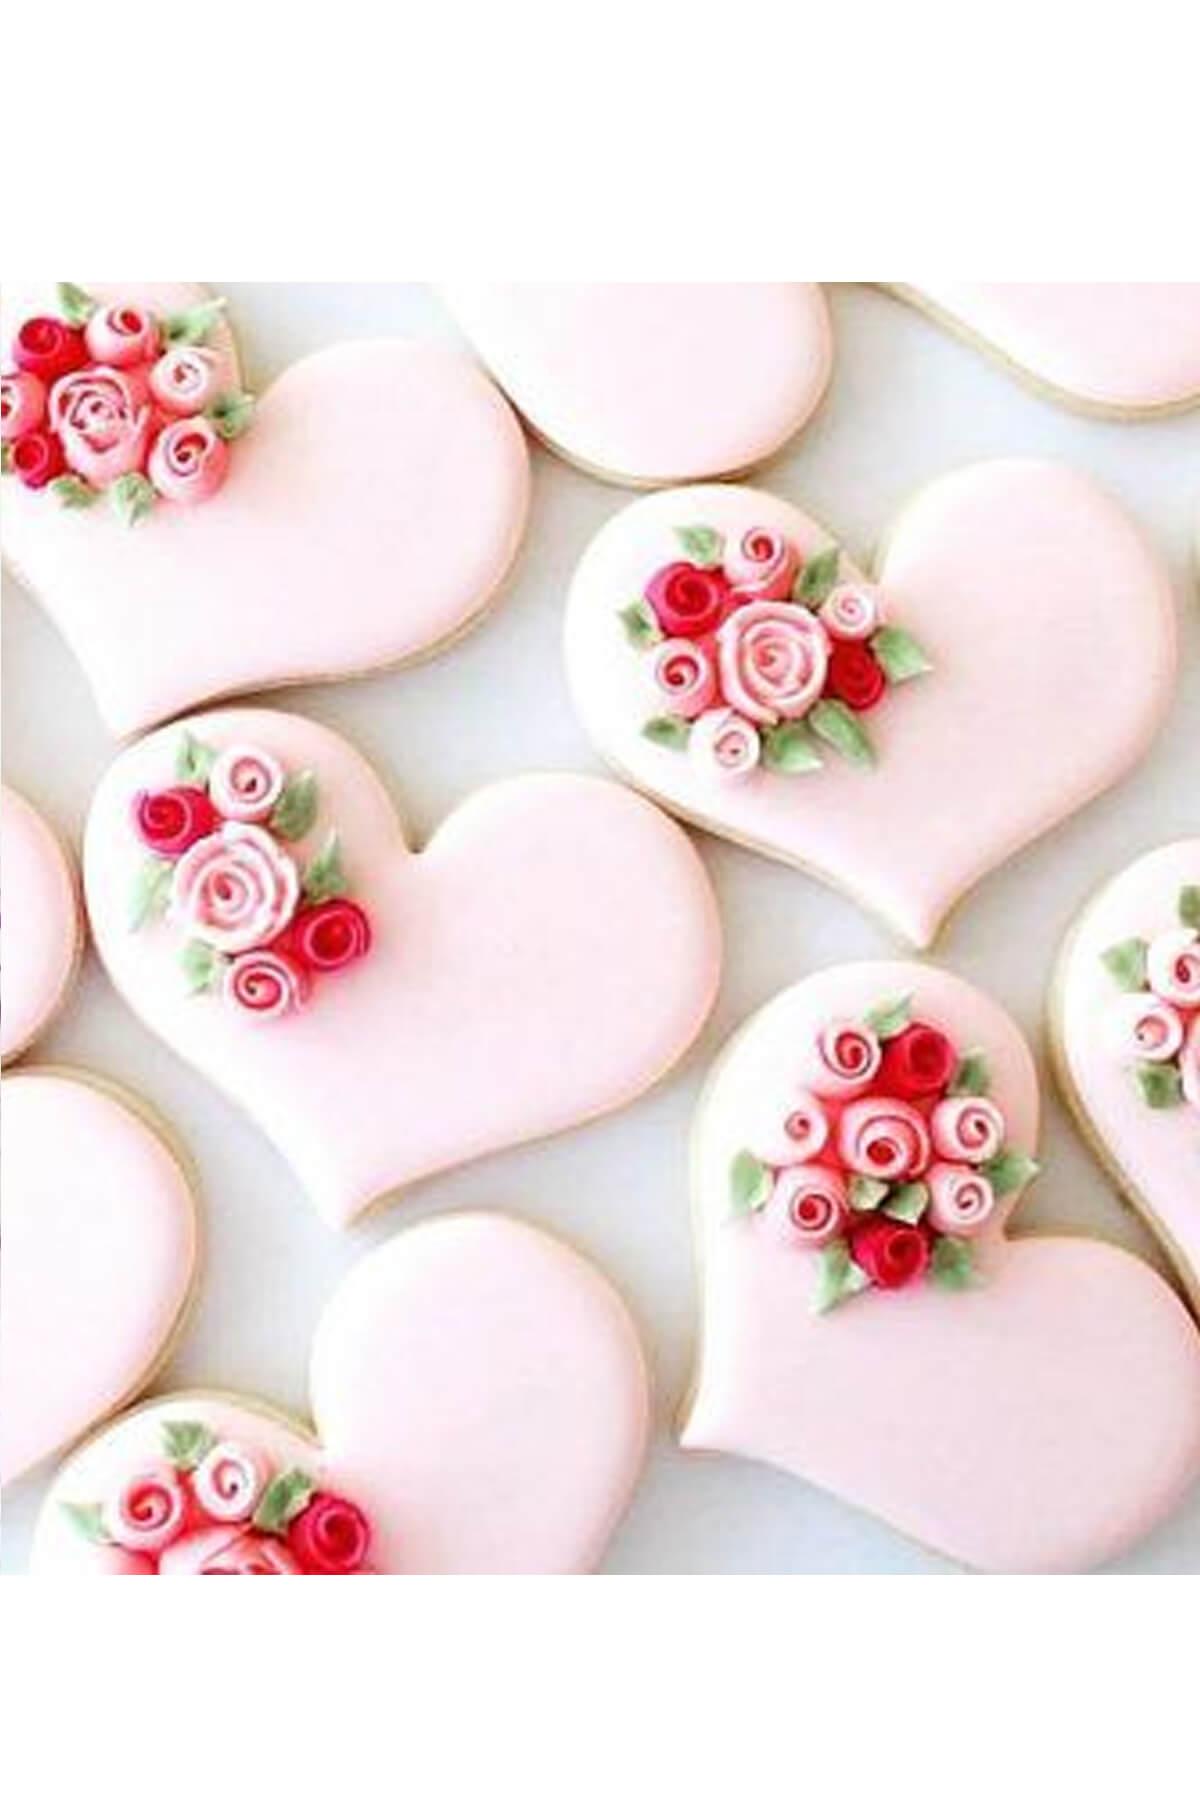 Bánh cookie hình trái tim ngọt ngào và lãng mạn cho cô ấy